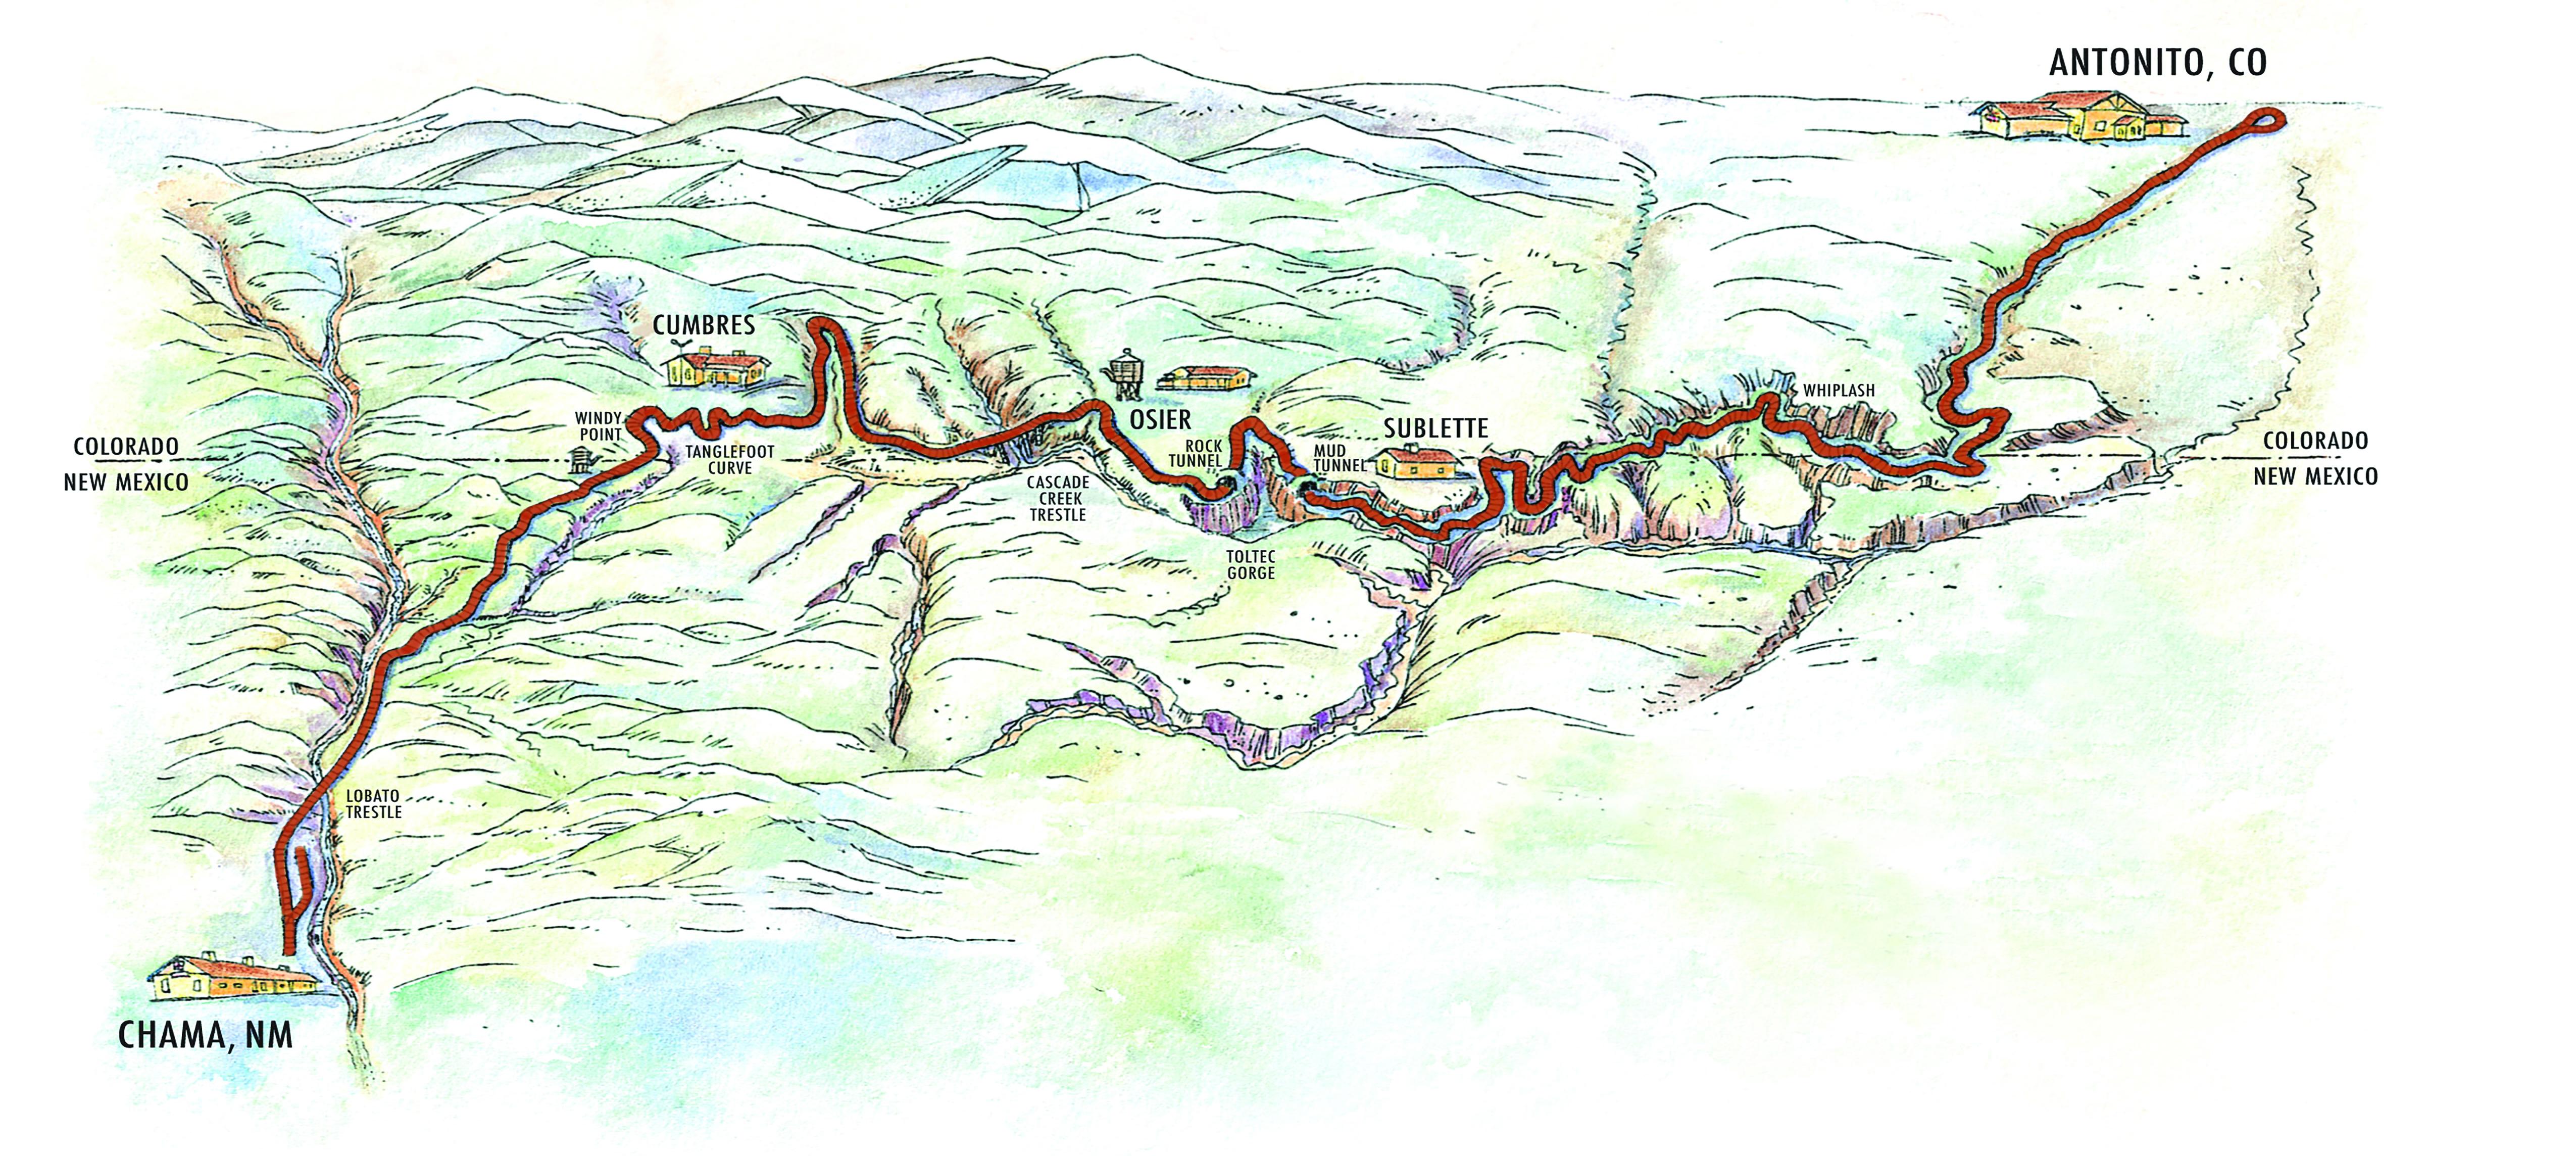 Cumbres Toltec Scenic Railroad 64 Miles Of Rocky Mountain Splendor